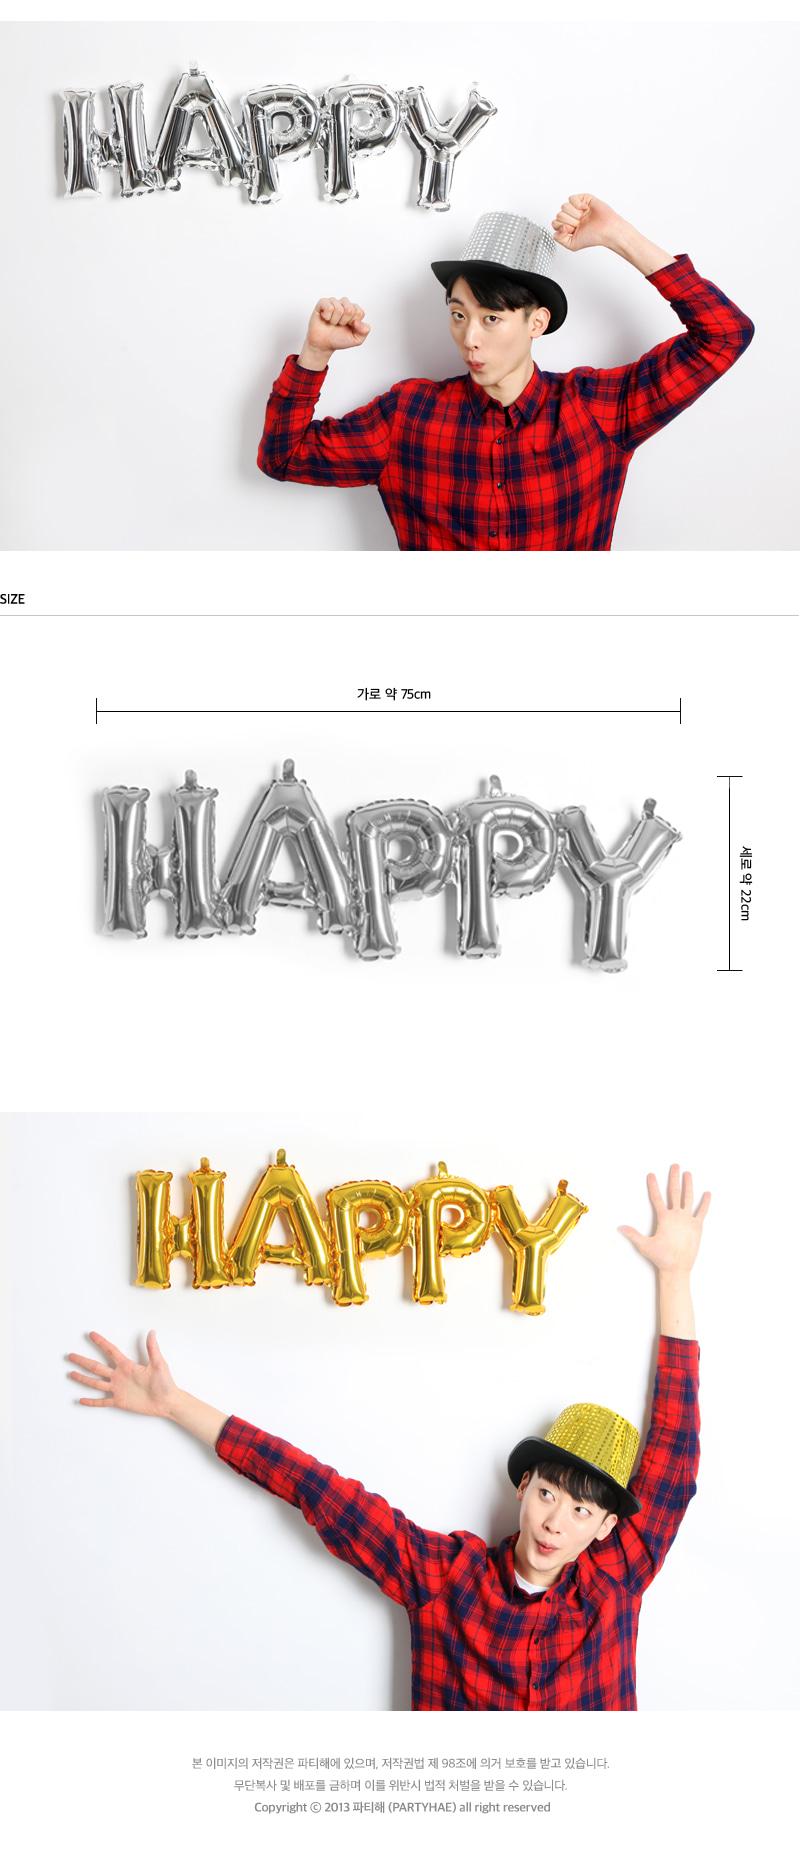 이니셜은박풍선 HAPPY (골드) - 파티해, 4,500원, 파티용품, 풍선/세트